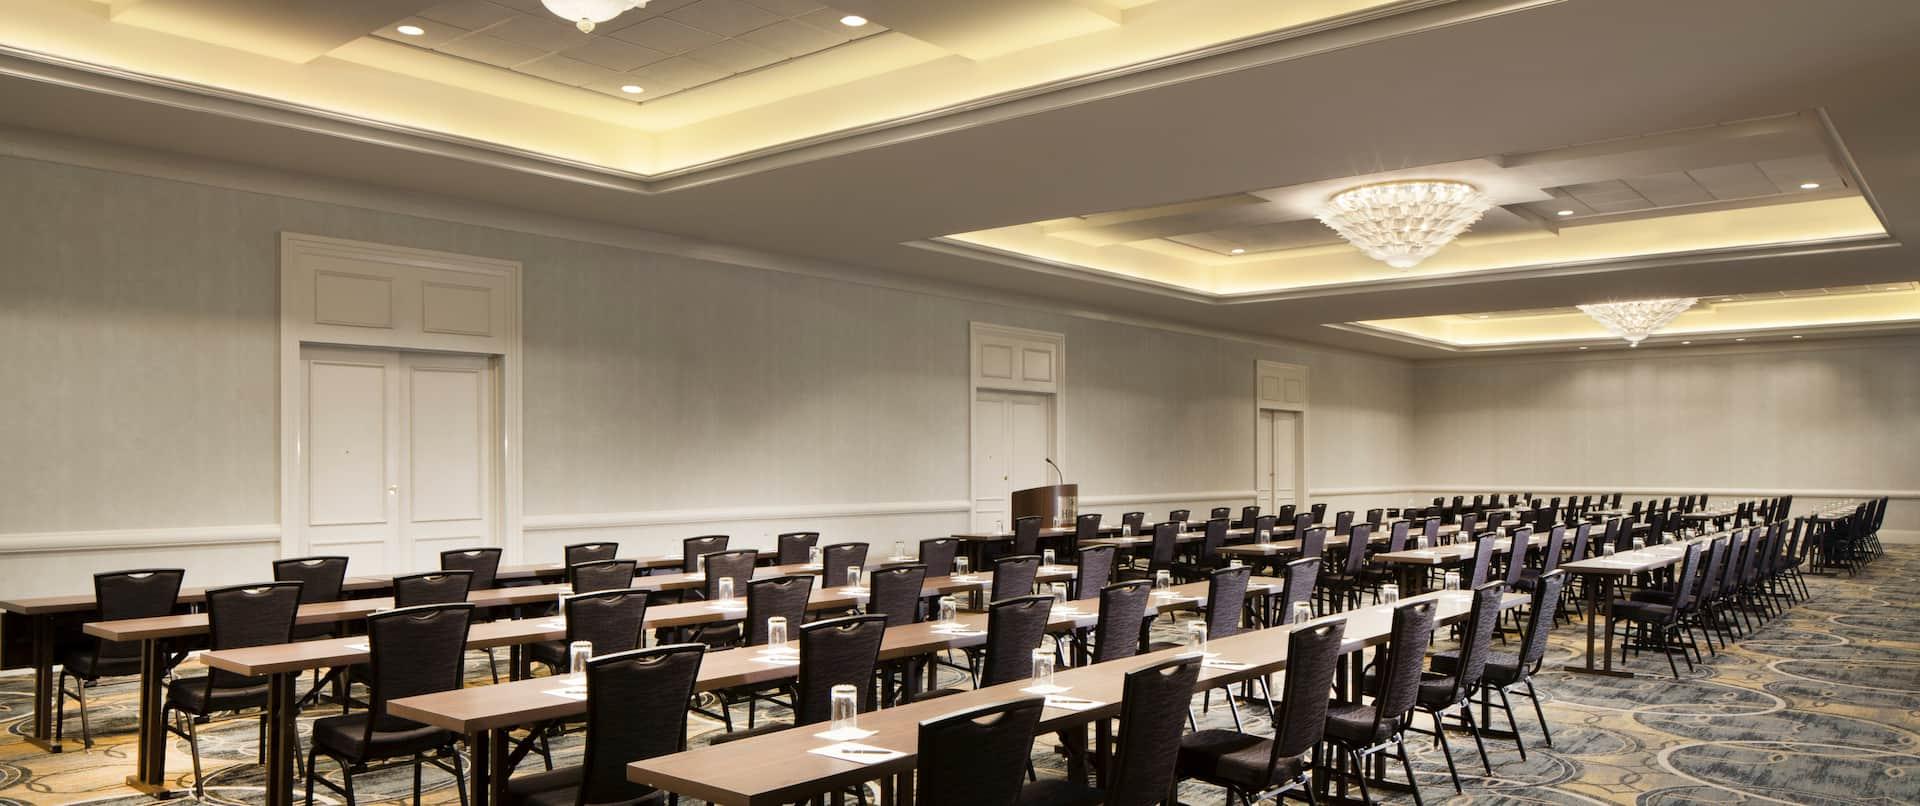 ballroom with classroom setup